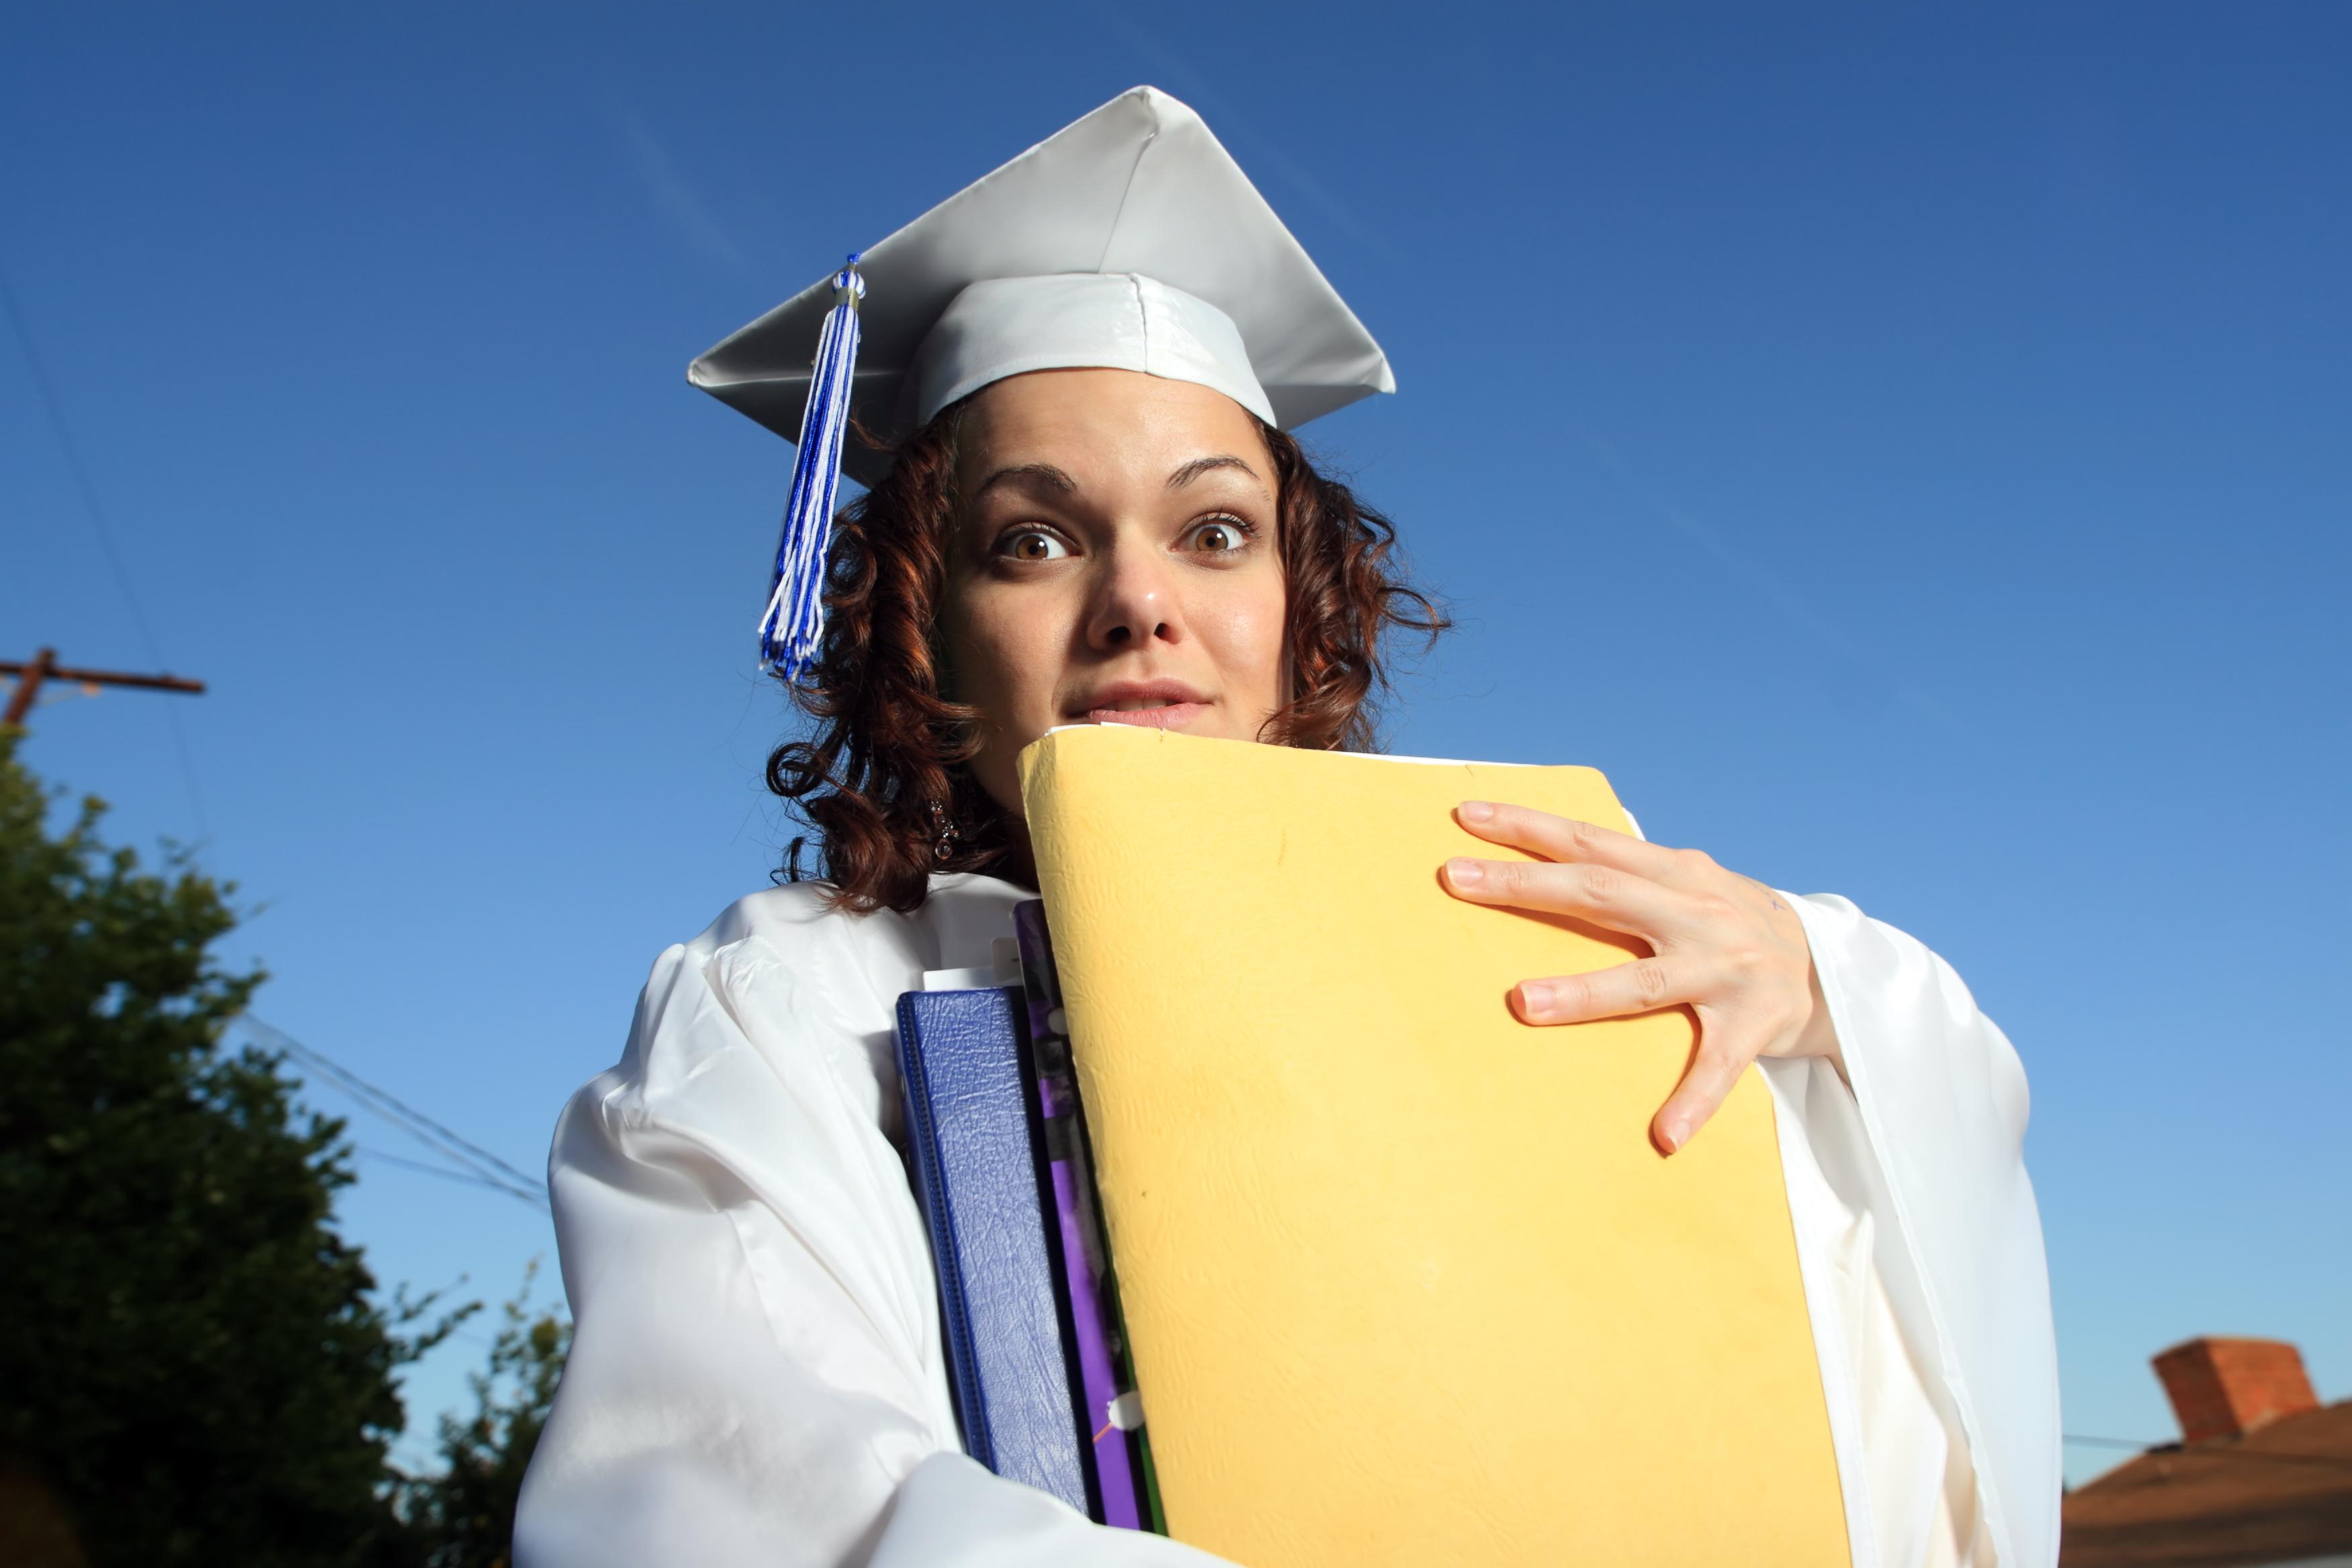 Как написать докторскую диссертацию самому 🚩 автореферат  Как написать докторскую диссертацию самому 🚩 автореферат докторской диссертации 🚩 Повышение квалификации